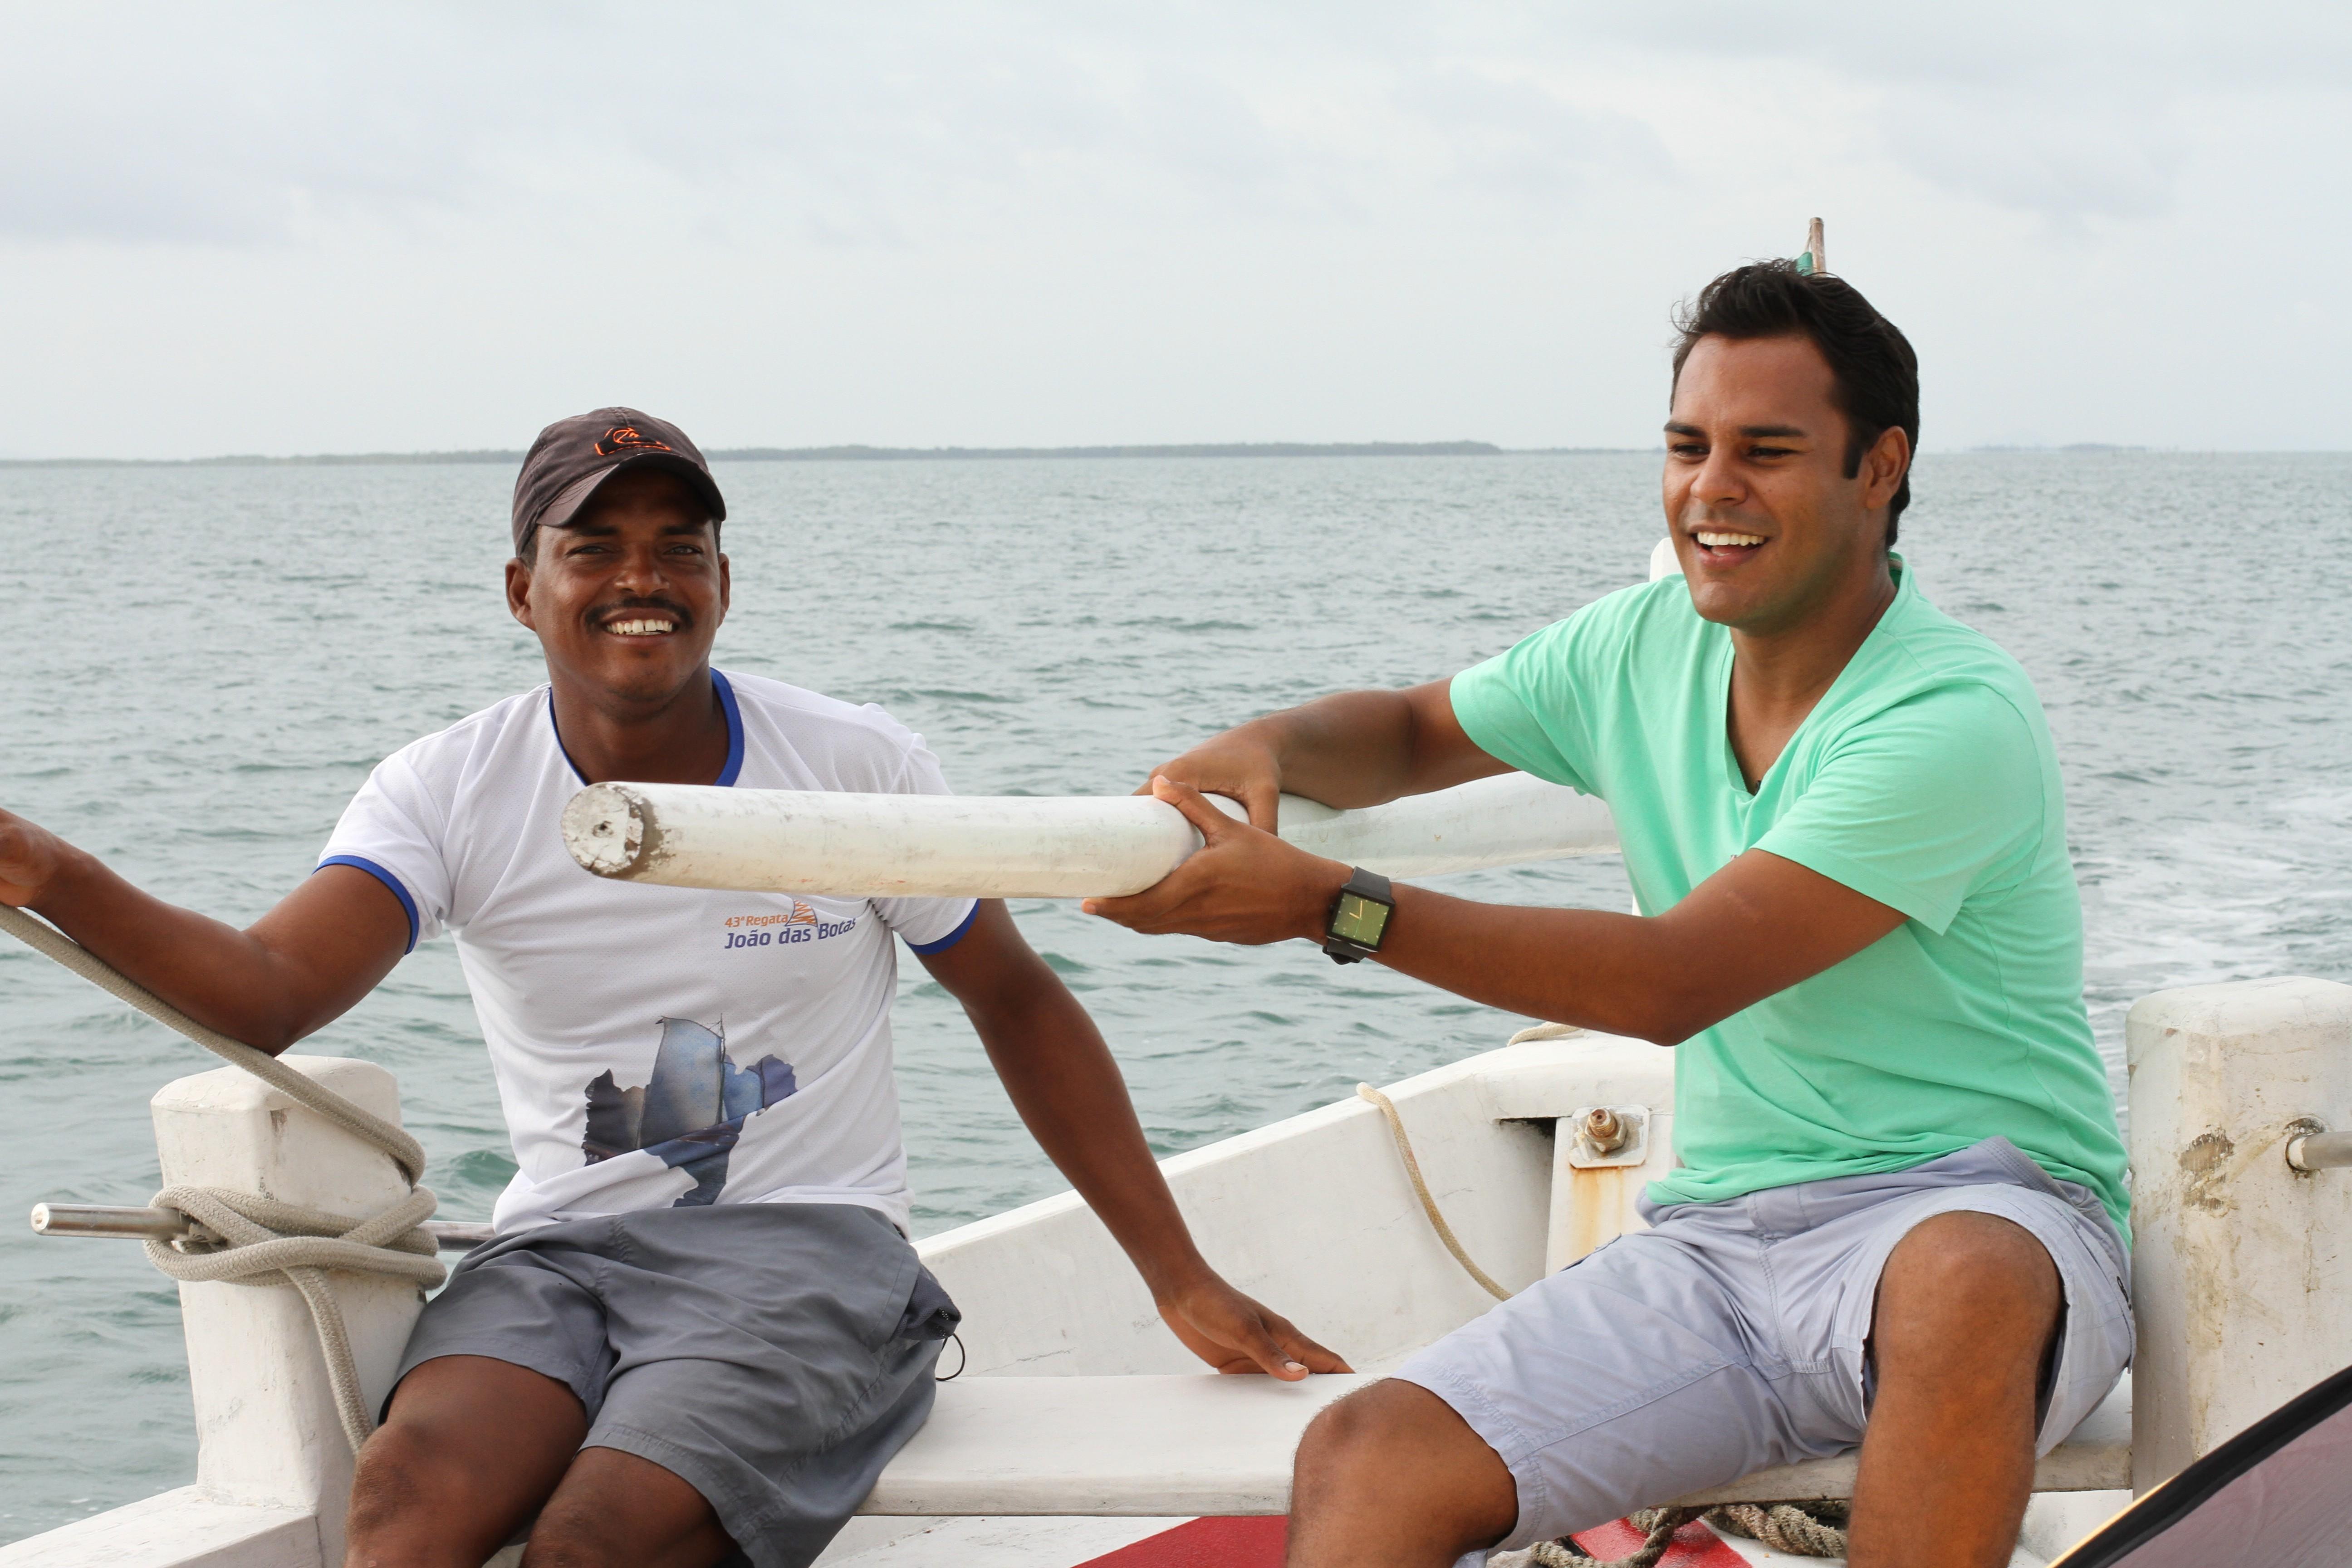 O repórter Pablo Vasconcelos e o mestre saveirista: história da embarcação (Foto: Divulgação)